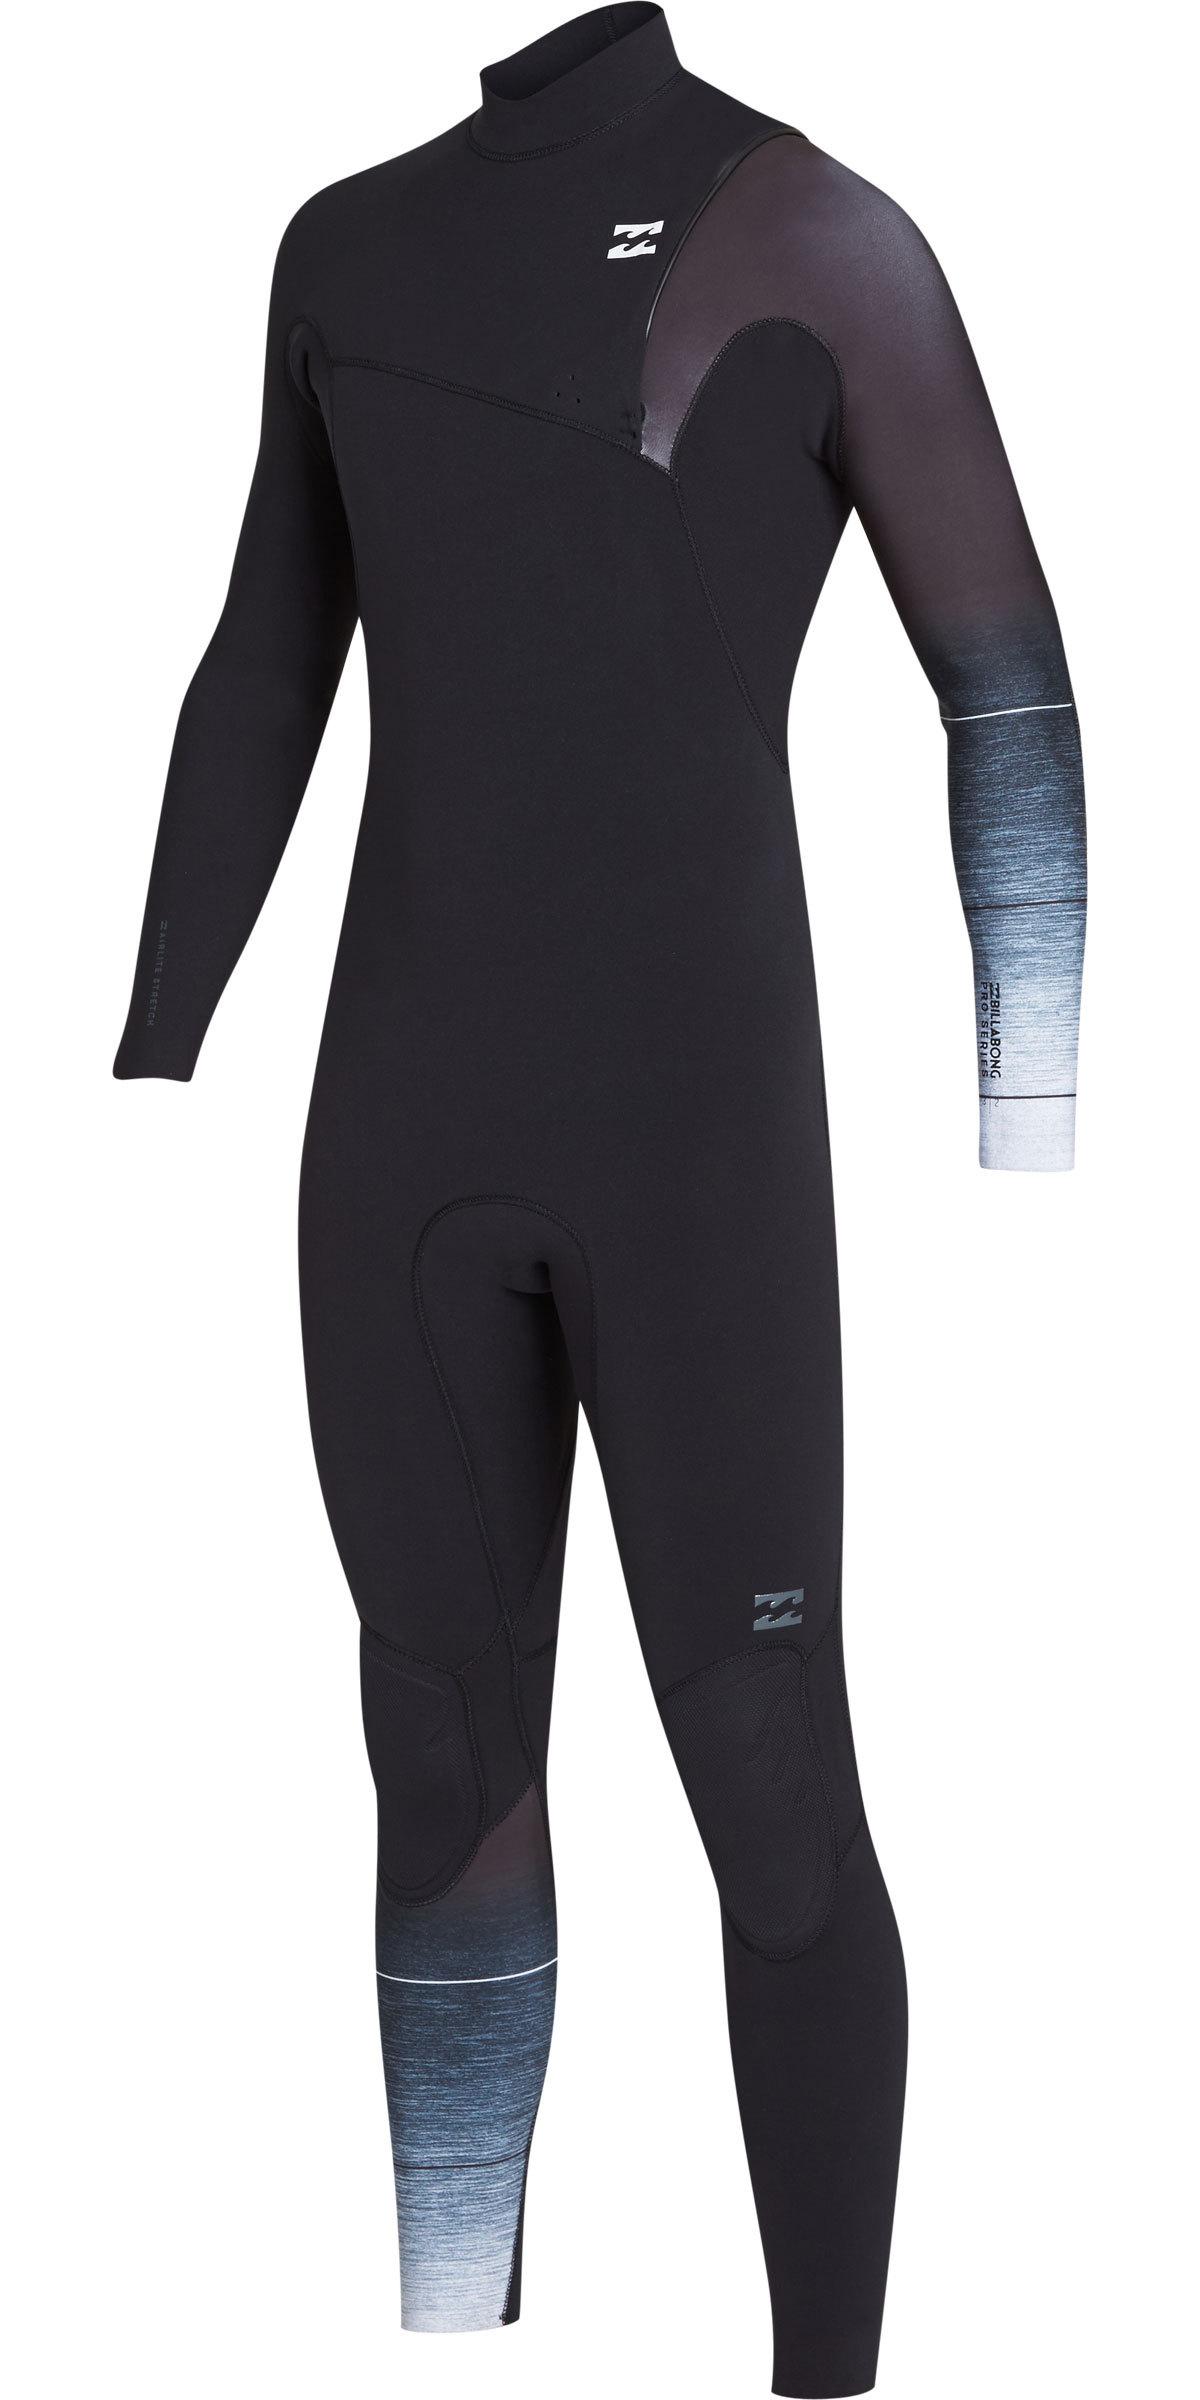 2019 Billabong Junior Boys 3/2mm Pro Series Zipperless Wetsuits Black / Fade N43B01